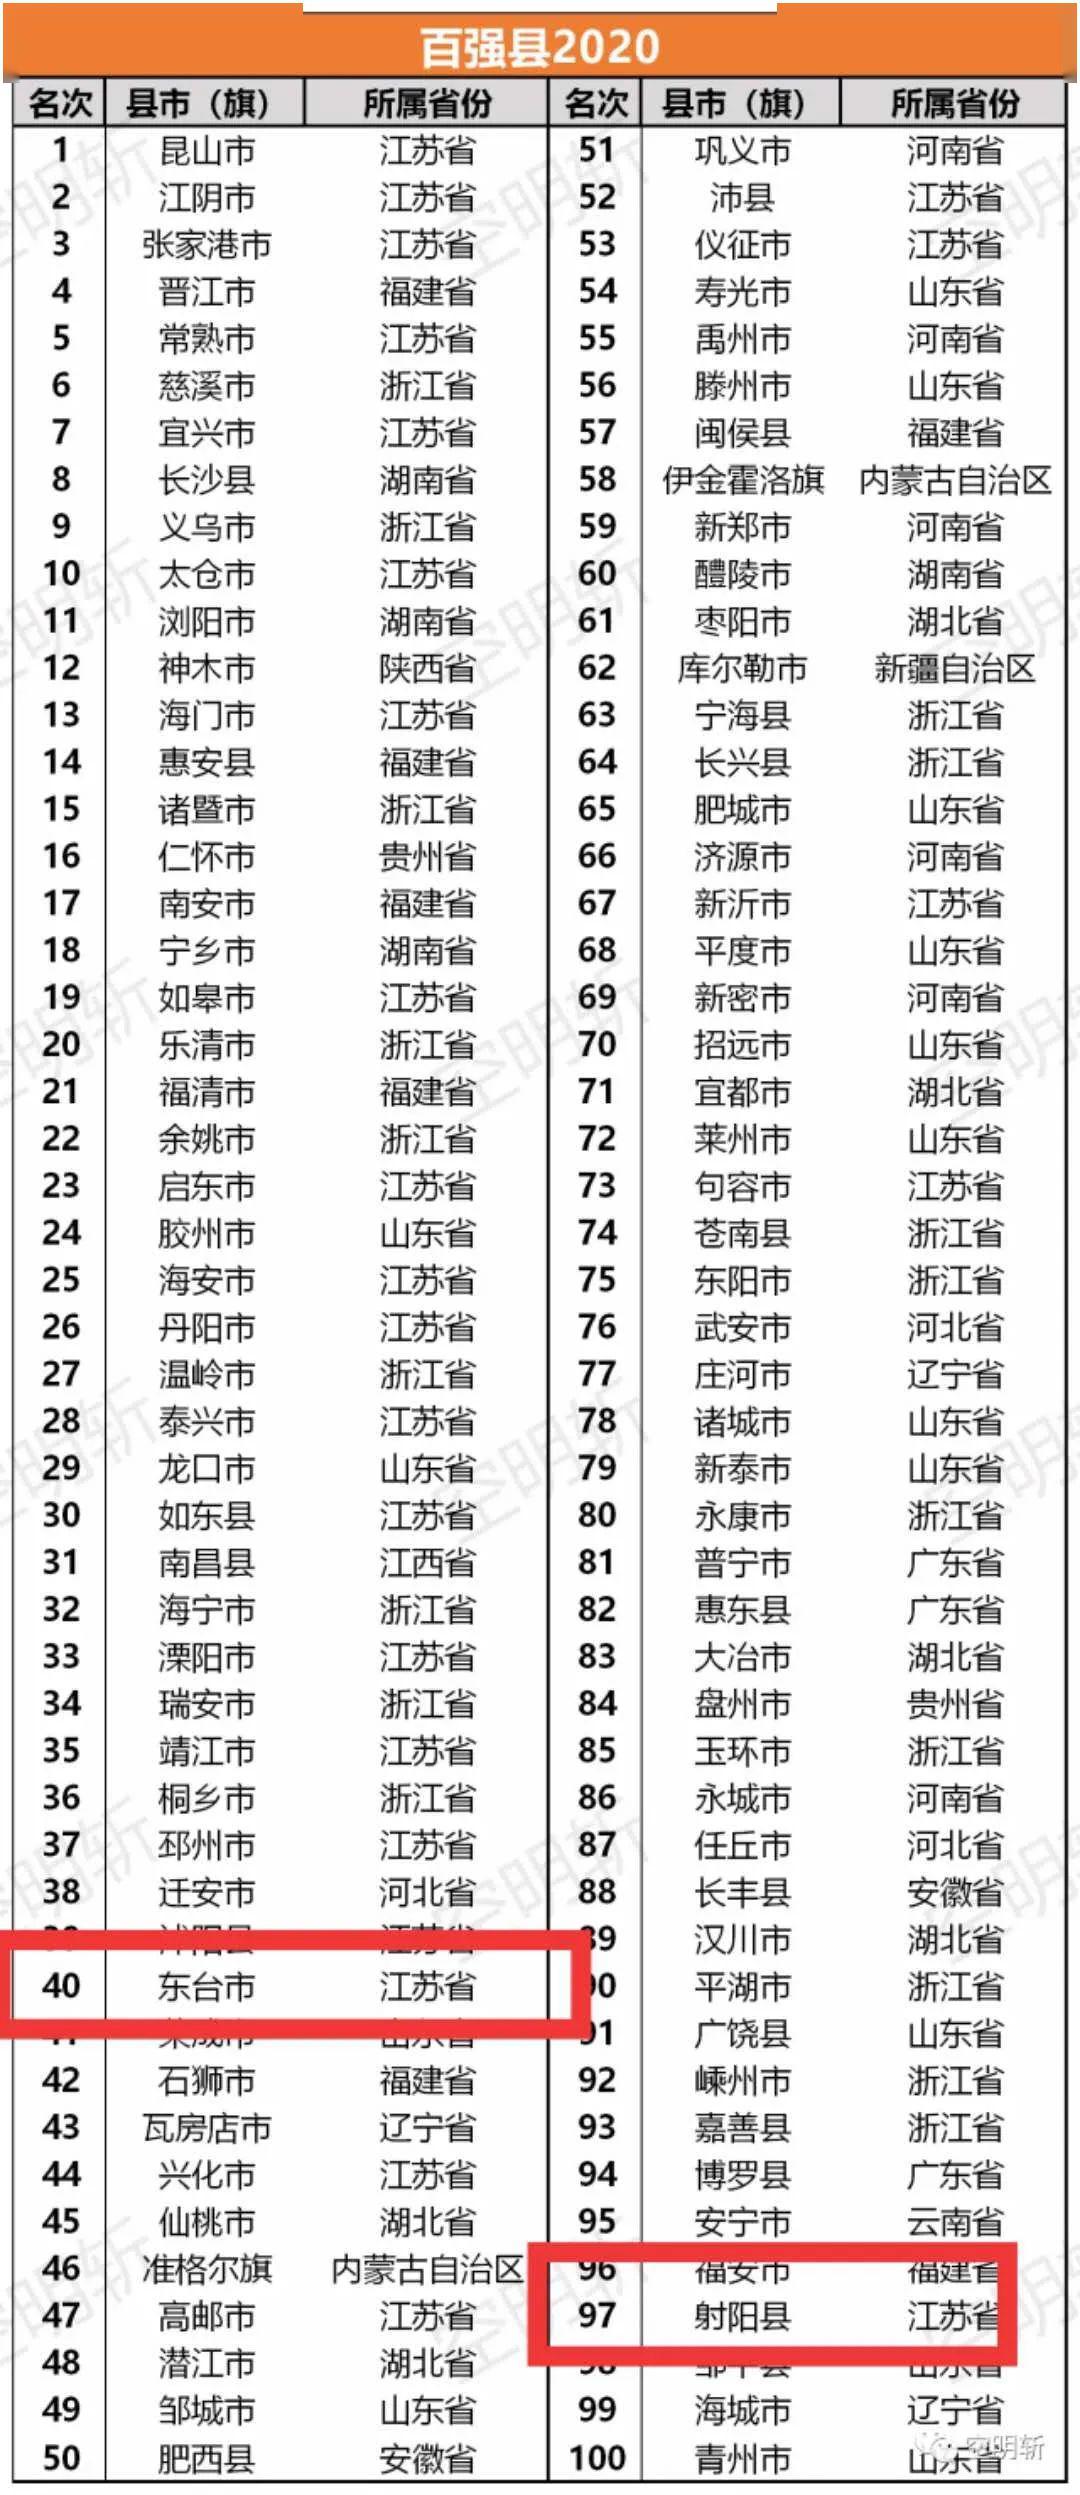 2020年江苏省各市gdp_江苏省县市gdp